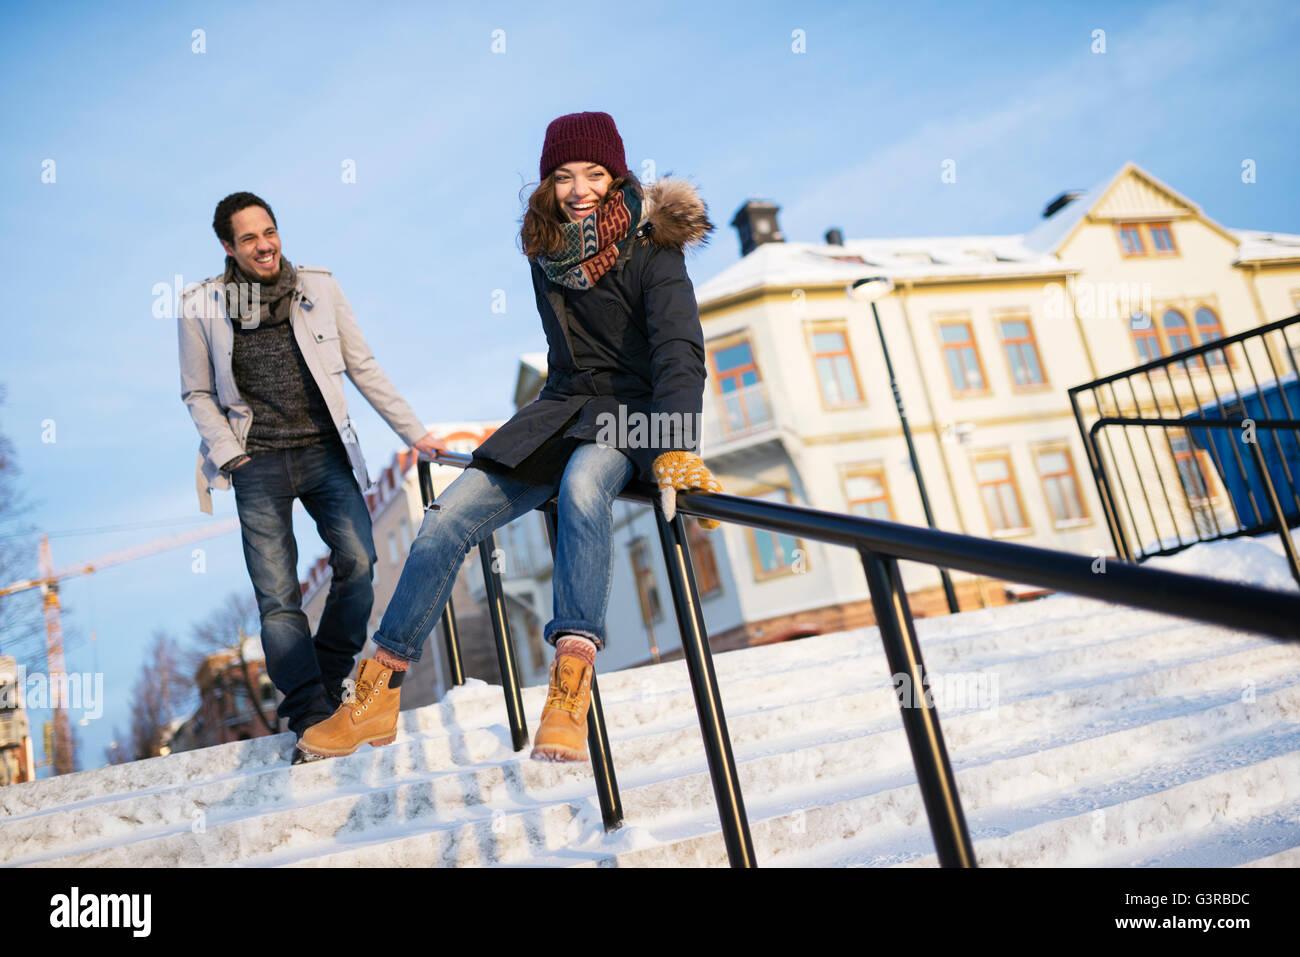 La Suède, l'Allemagne, Umea, l'homme regardant jeune femme glissant sur main courante Photo Stock